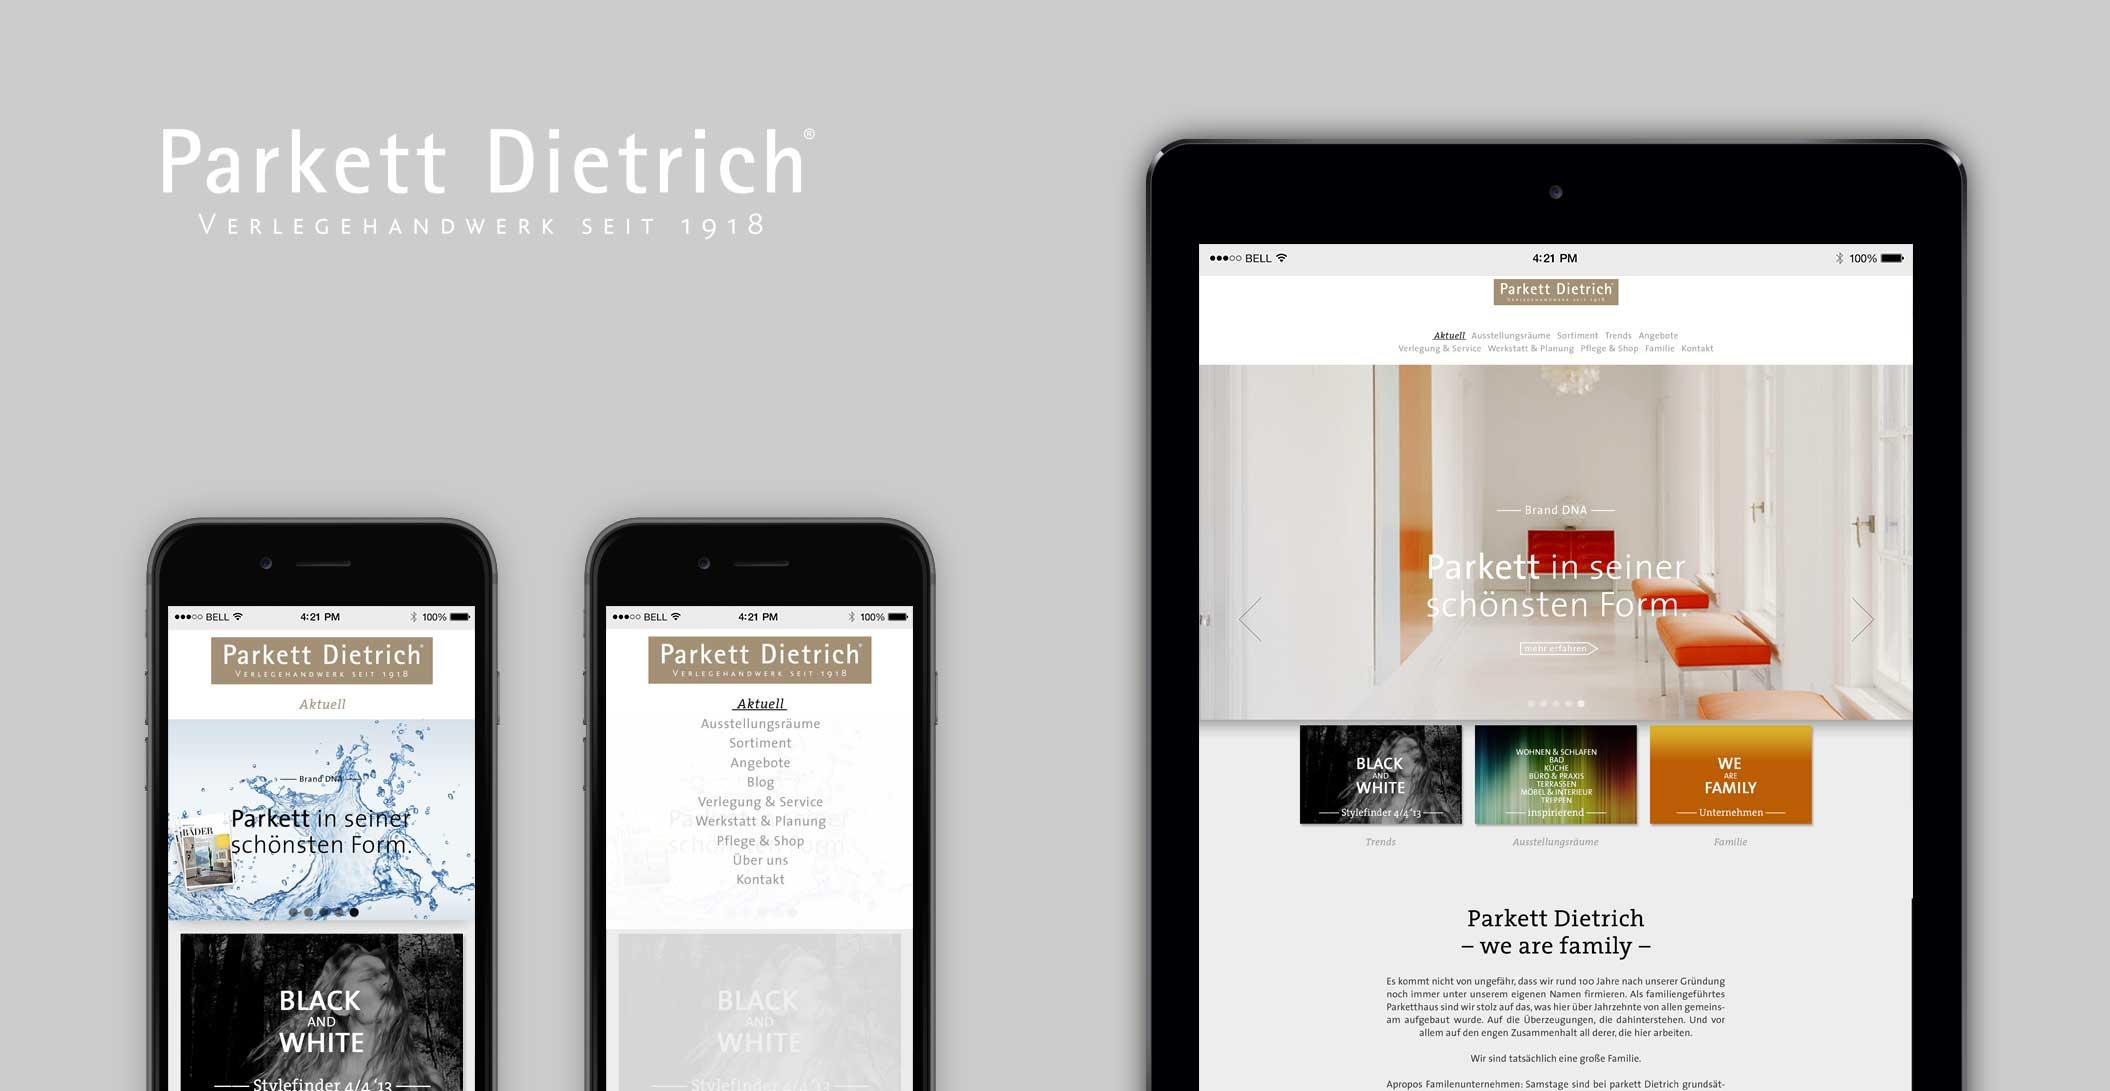 Website: Startseite – Parkett Dietrich, Parkett in seiner schönsten Form